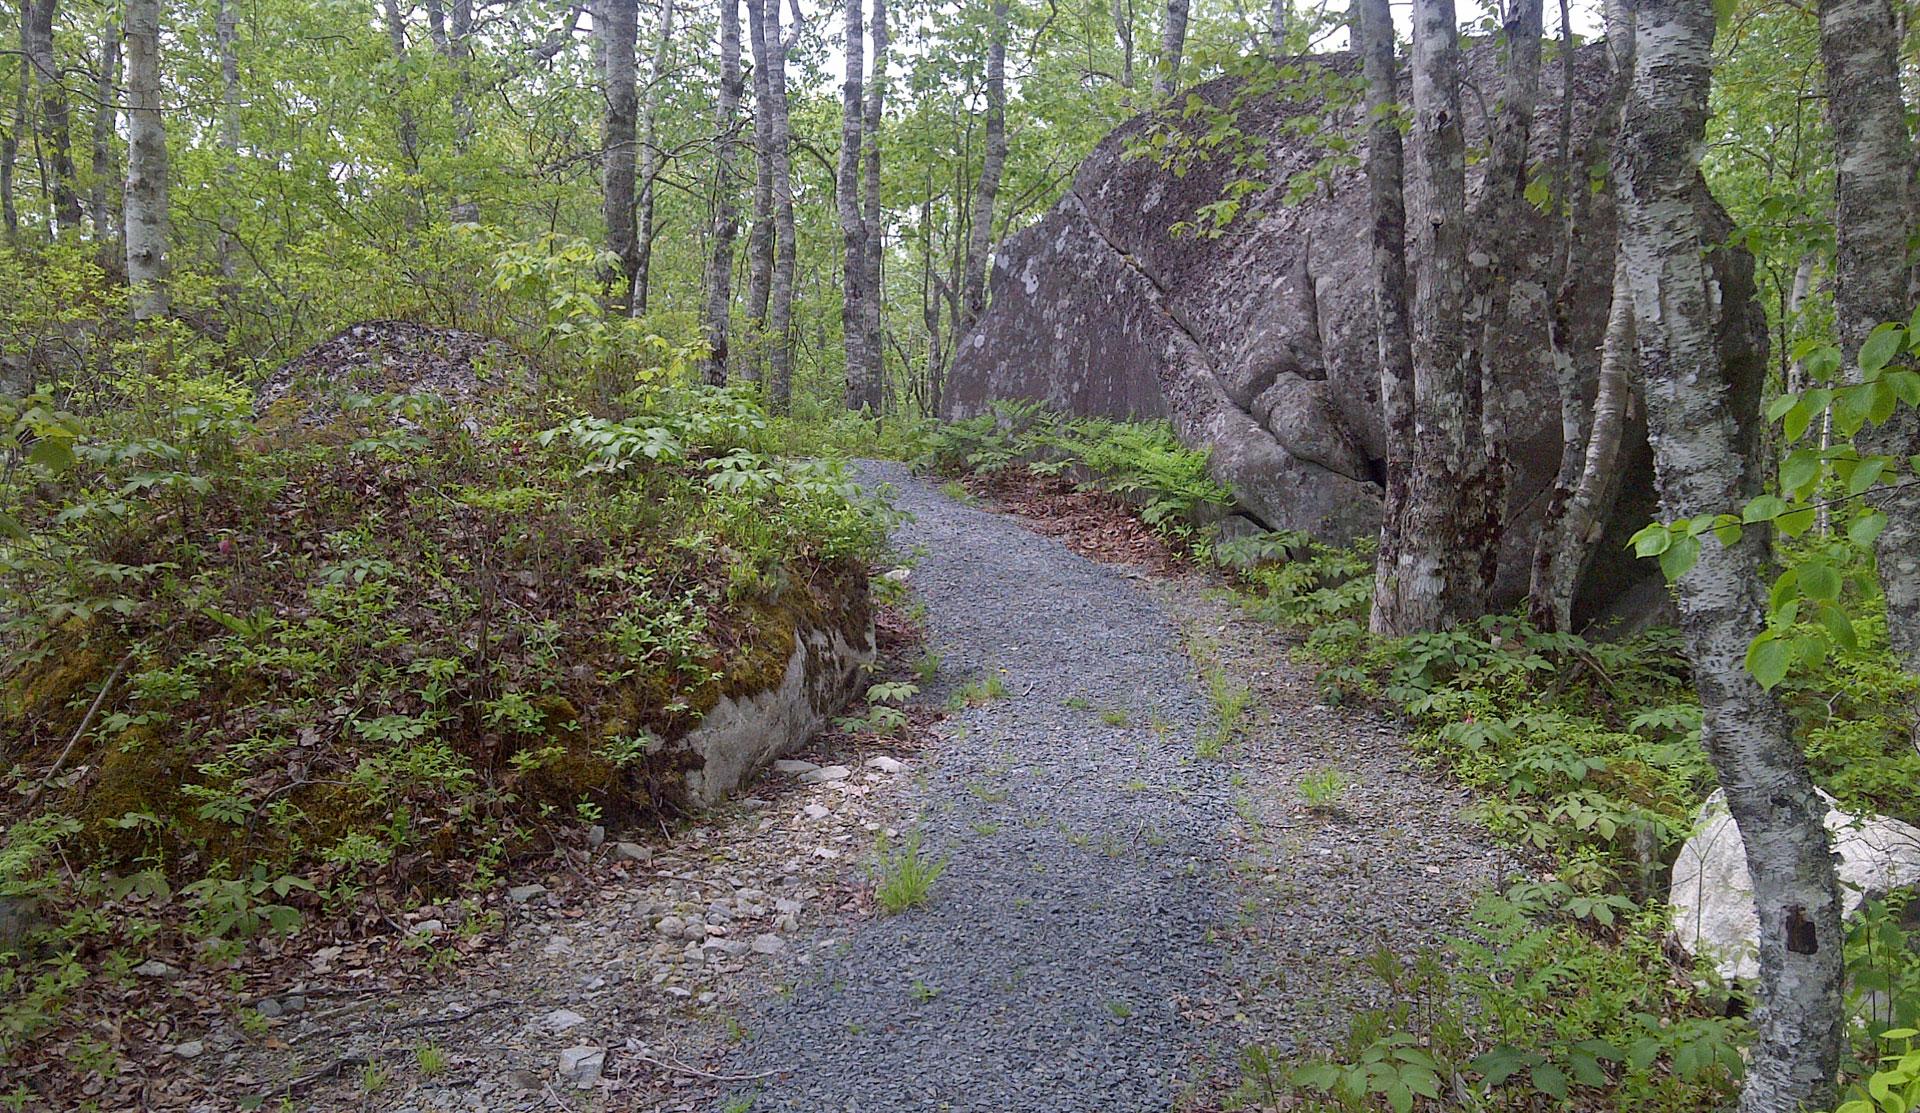 Port L'Hebert Provincial Park